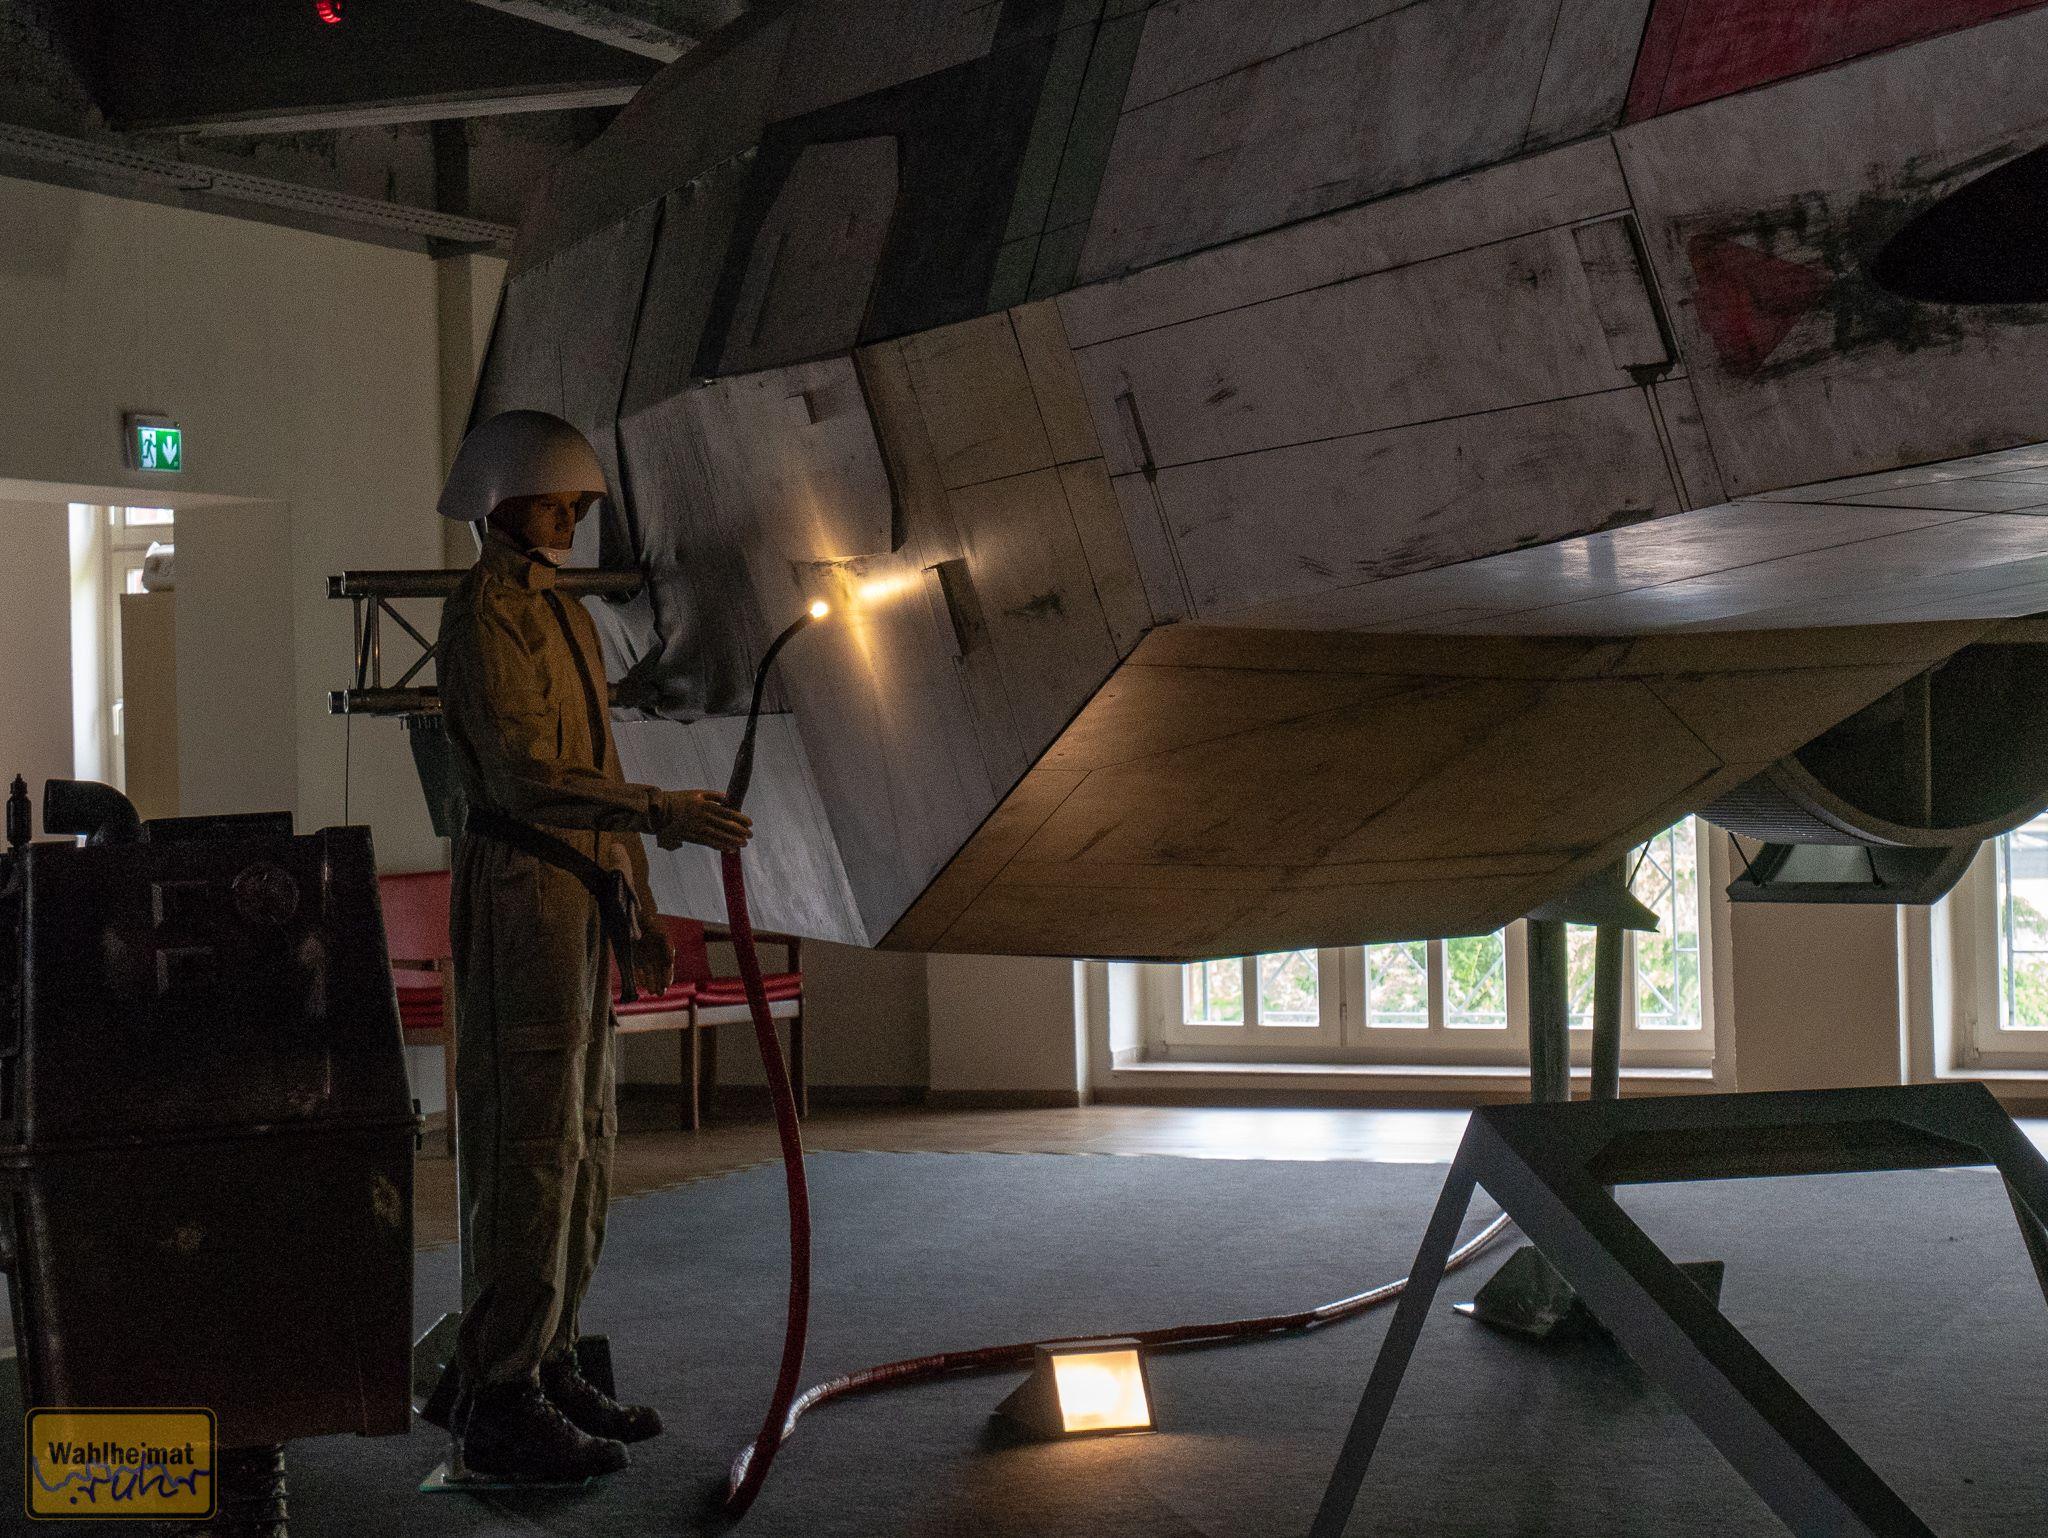 Hoffentlich kommt der X-Wing bald wieder in Gang, gibt wohl ne Menge zu reparieren...